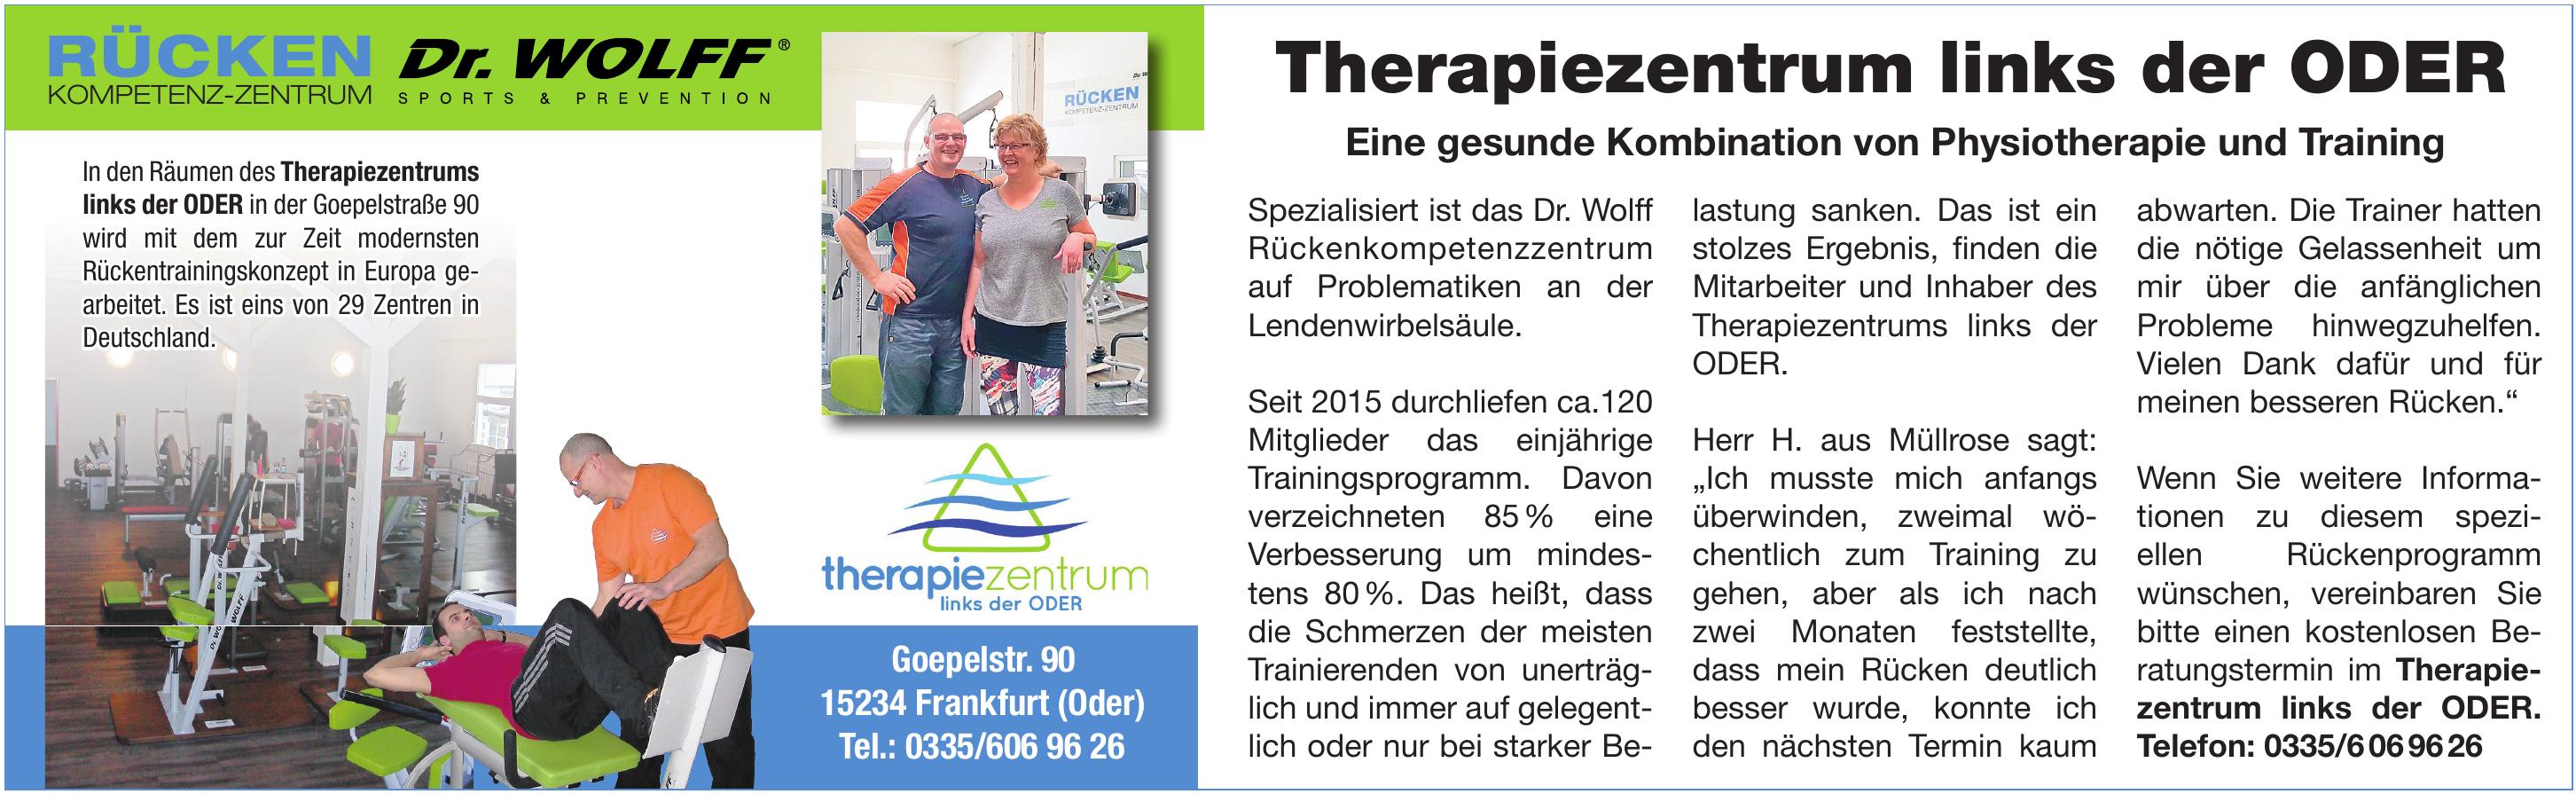 Therapiezentrum links der ODER